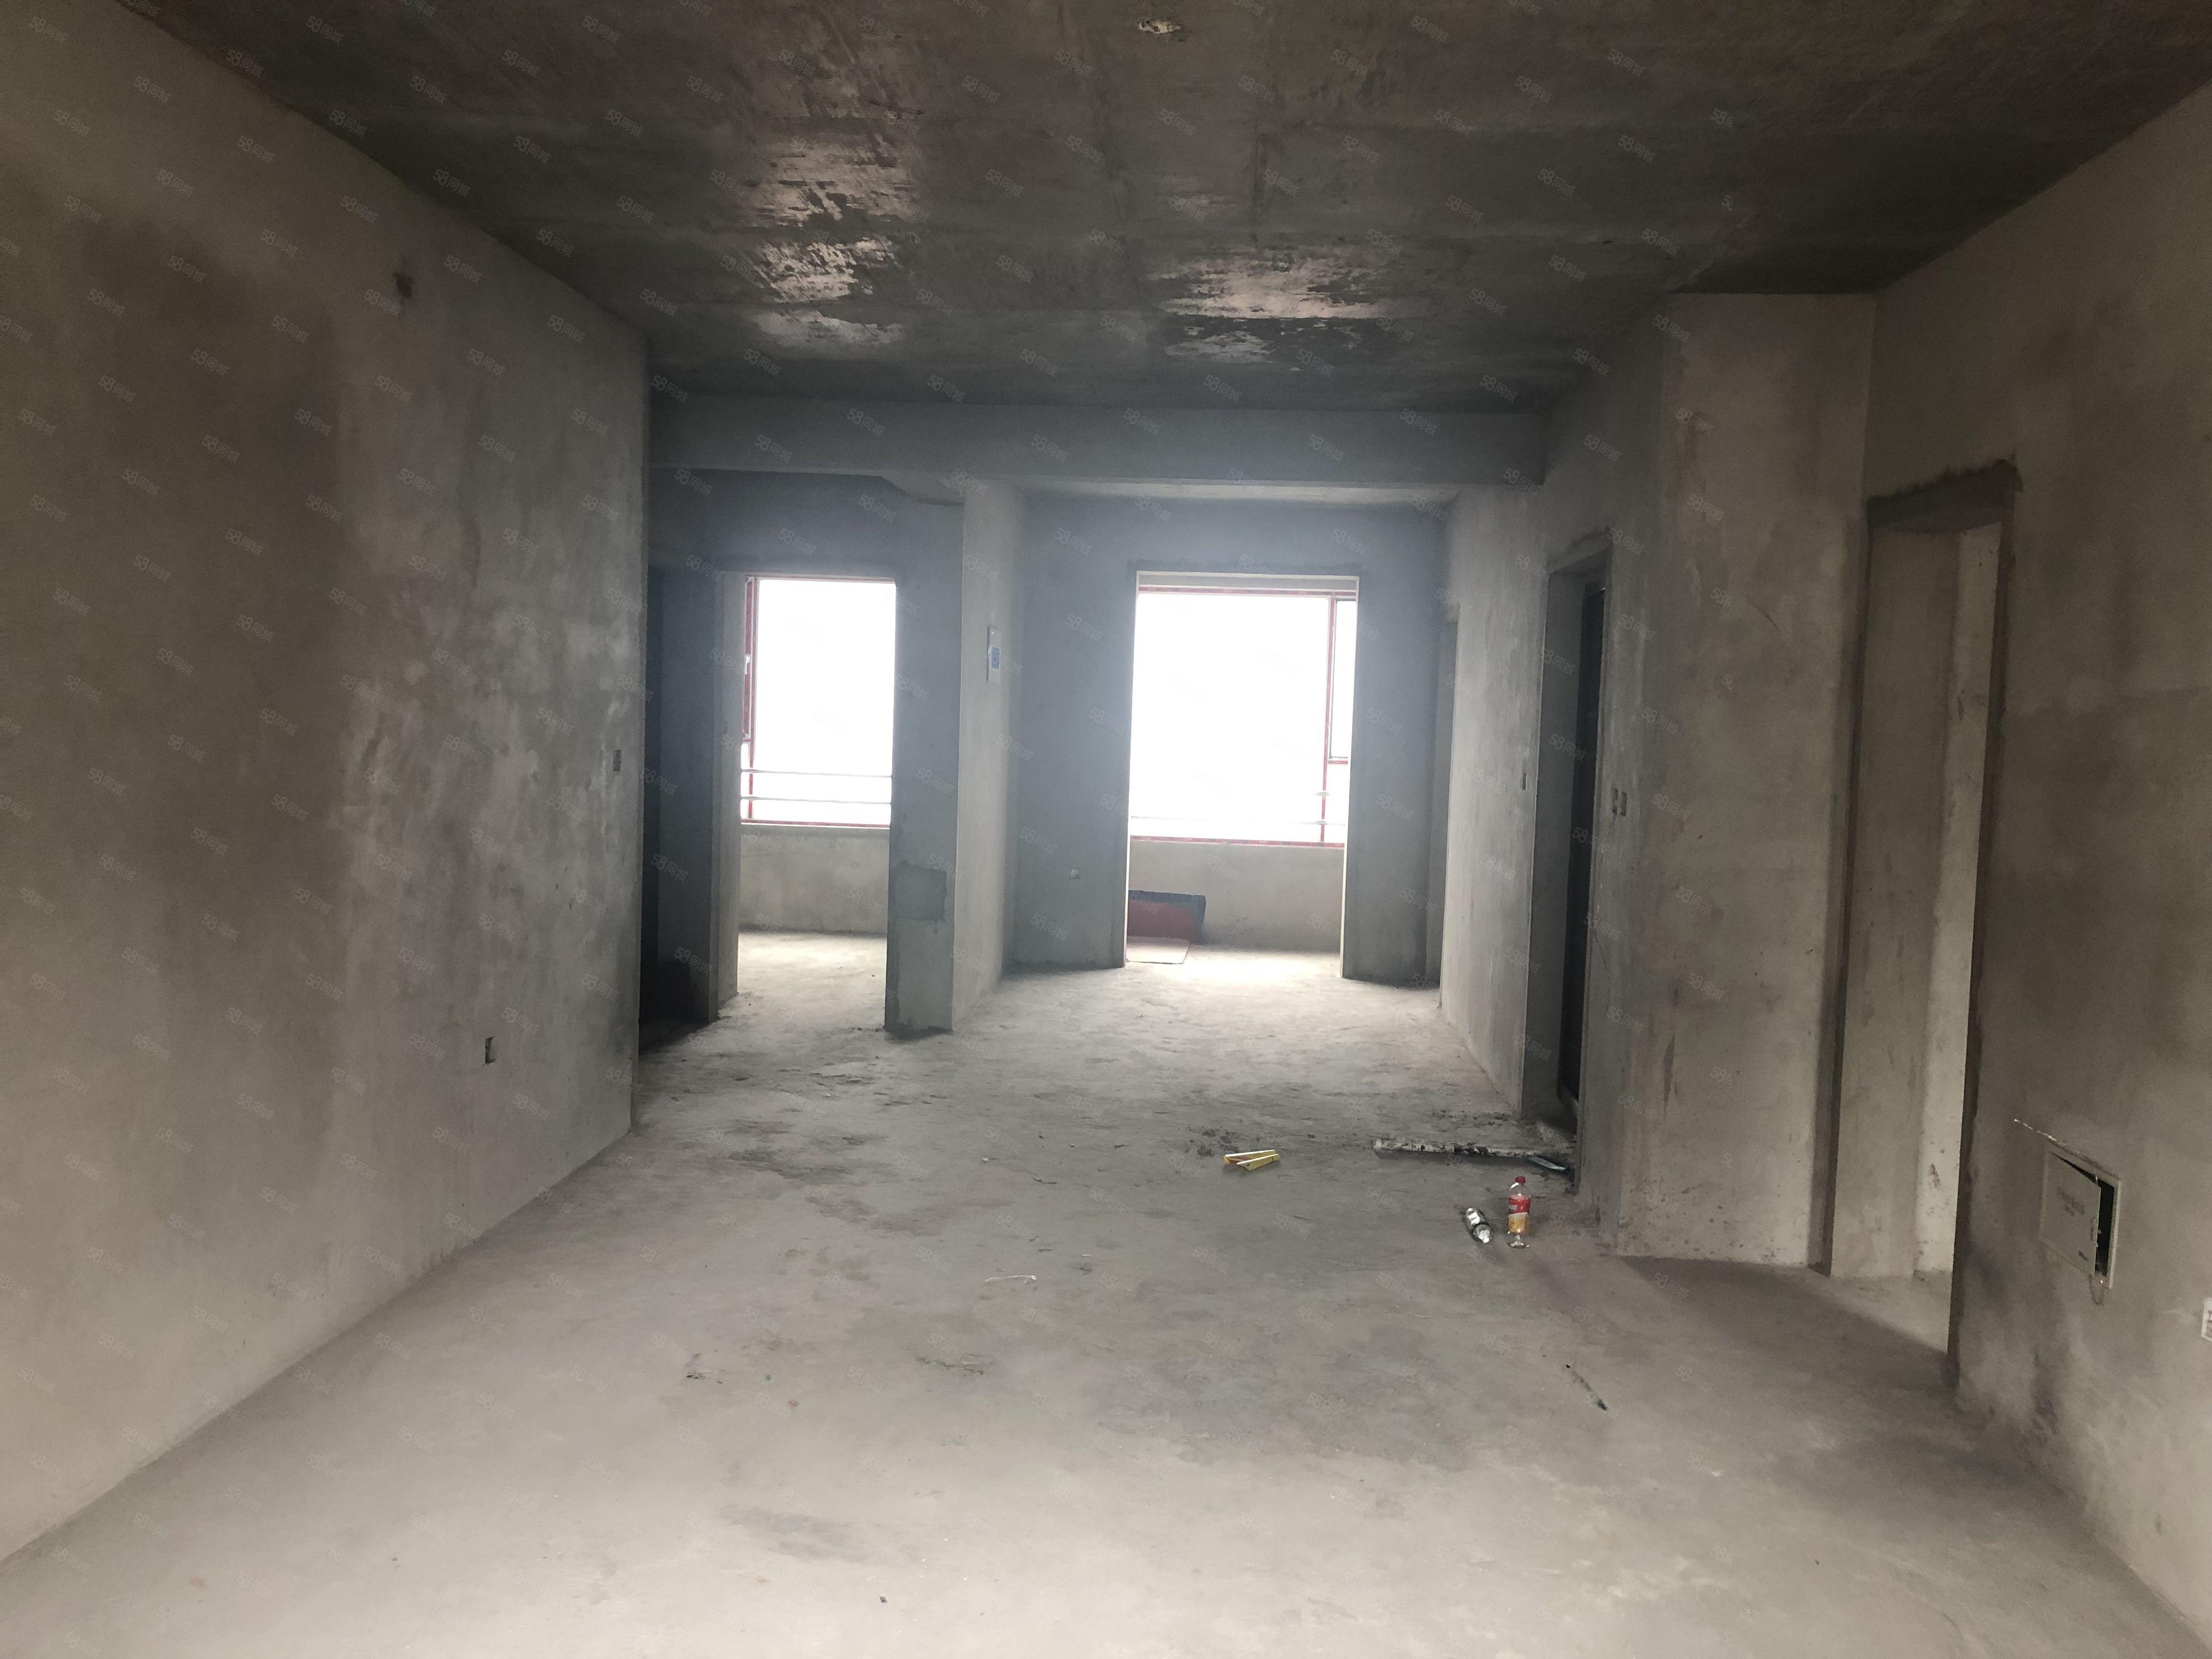 鑰匙房源銀盛華府3居室高層南北通透隨時看房高性價